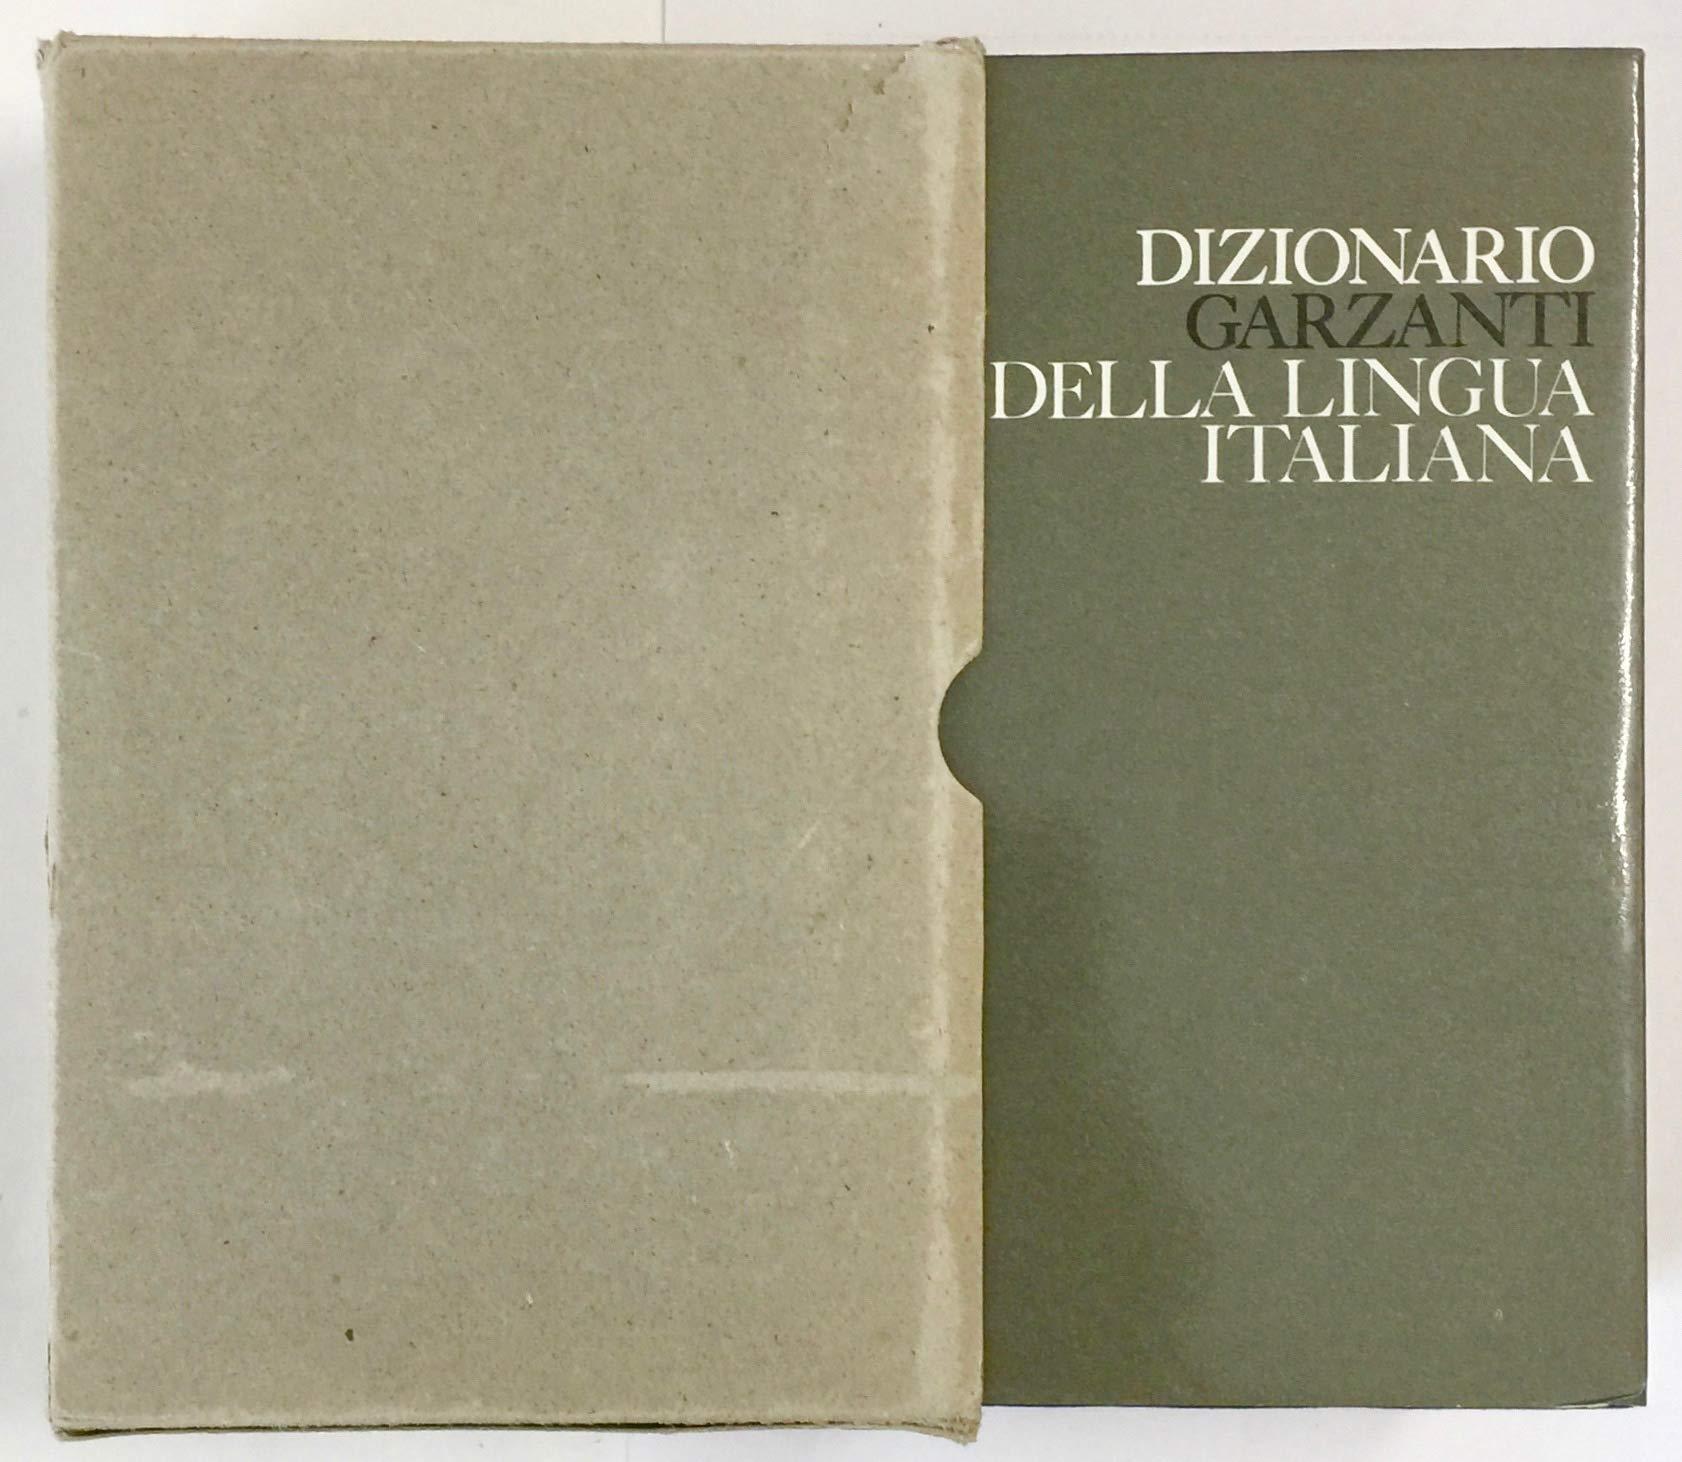 Amazon.com: Dizionario Garzanti Della Lingua Italiana: Books